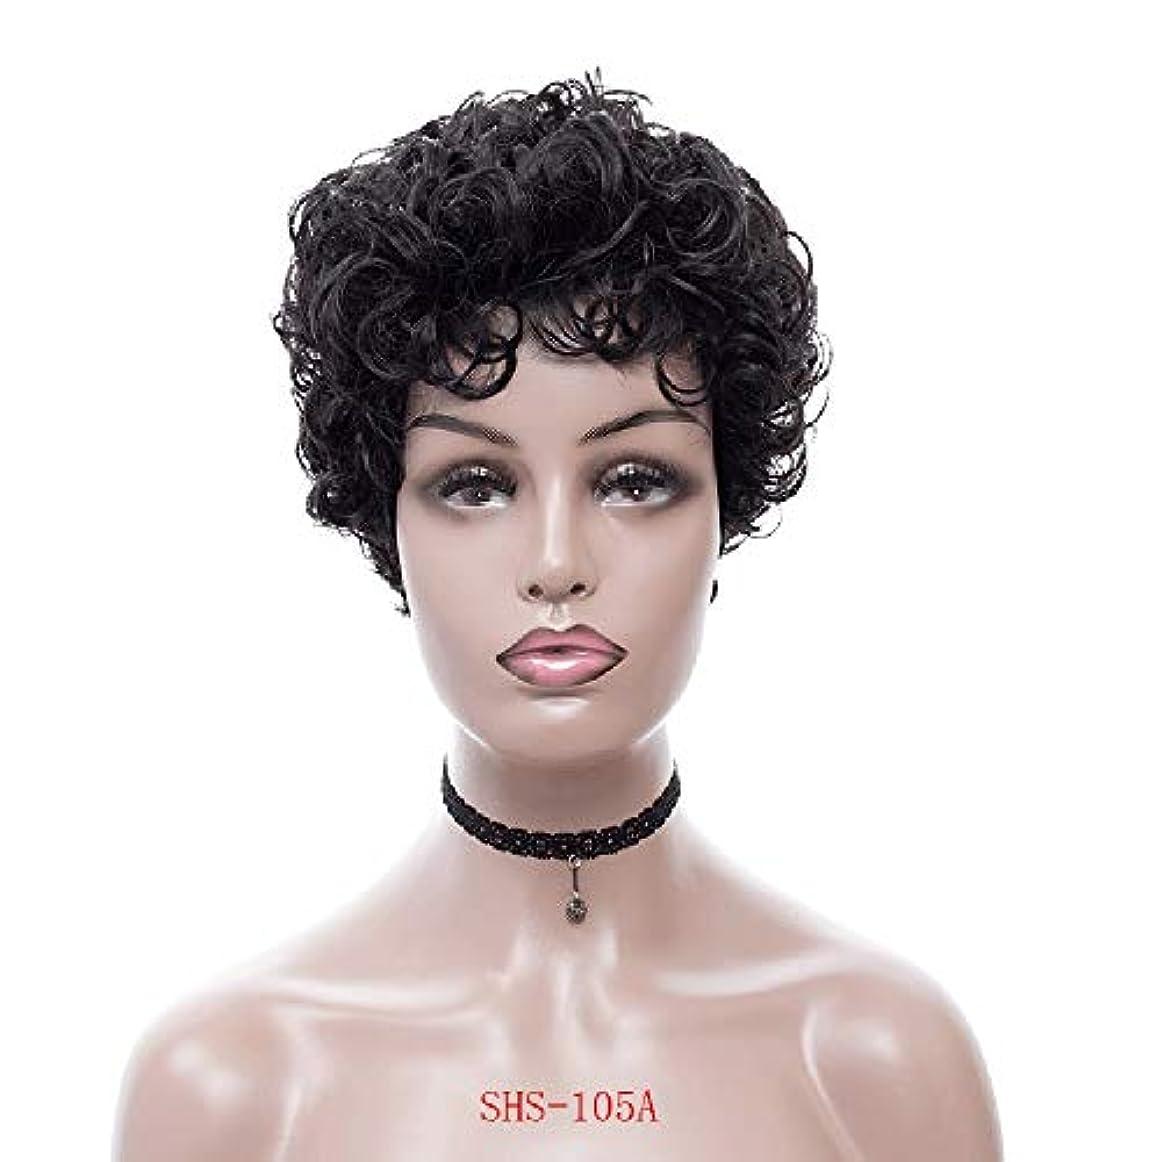 とげのある食事ハプニングESTELLEF黒人女性用ショートカーリーキンキーウィッグふわふわウェーブのかかった人工毛ウィッグナチュラルウィッグ耐熱ウィッグウィッグキャップ付き